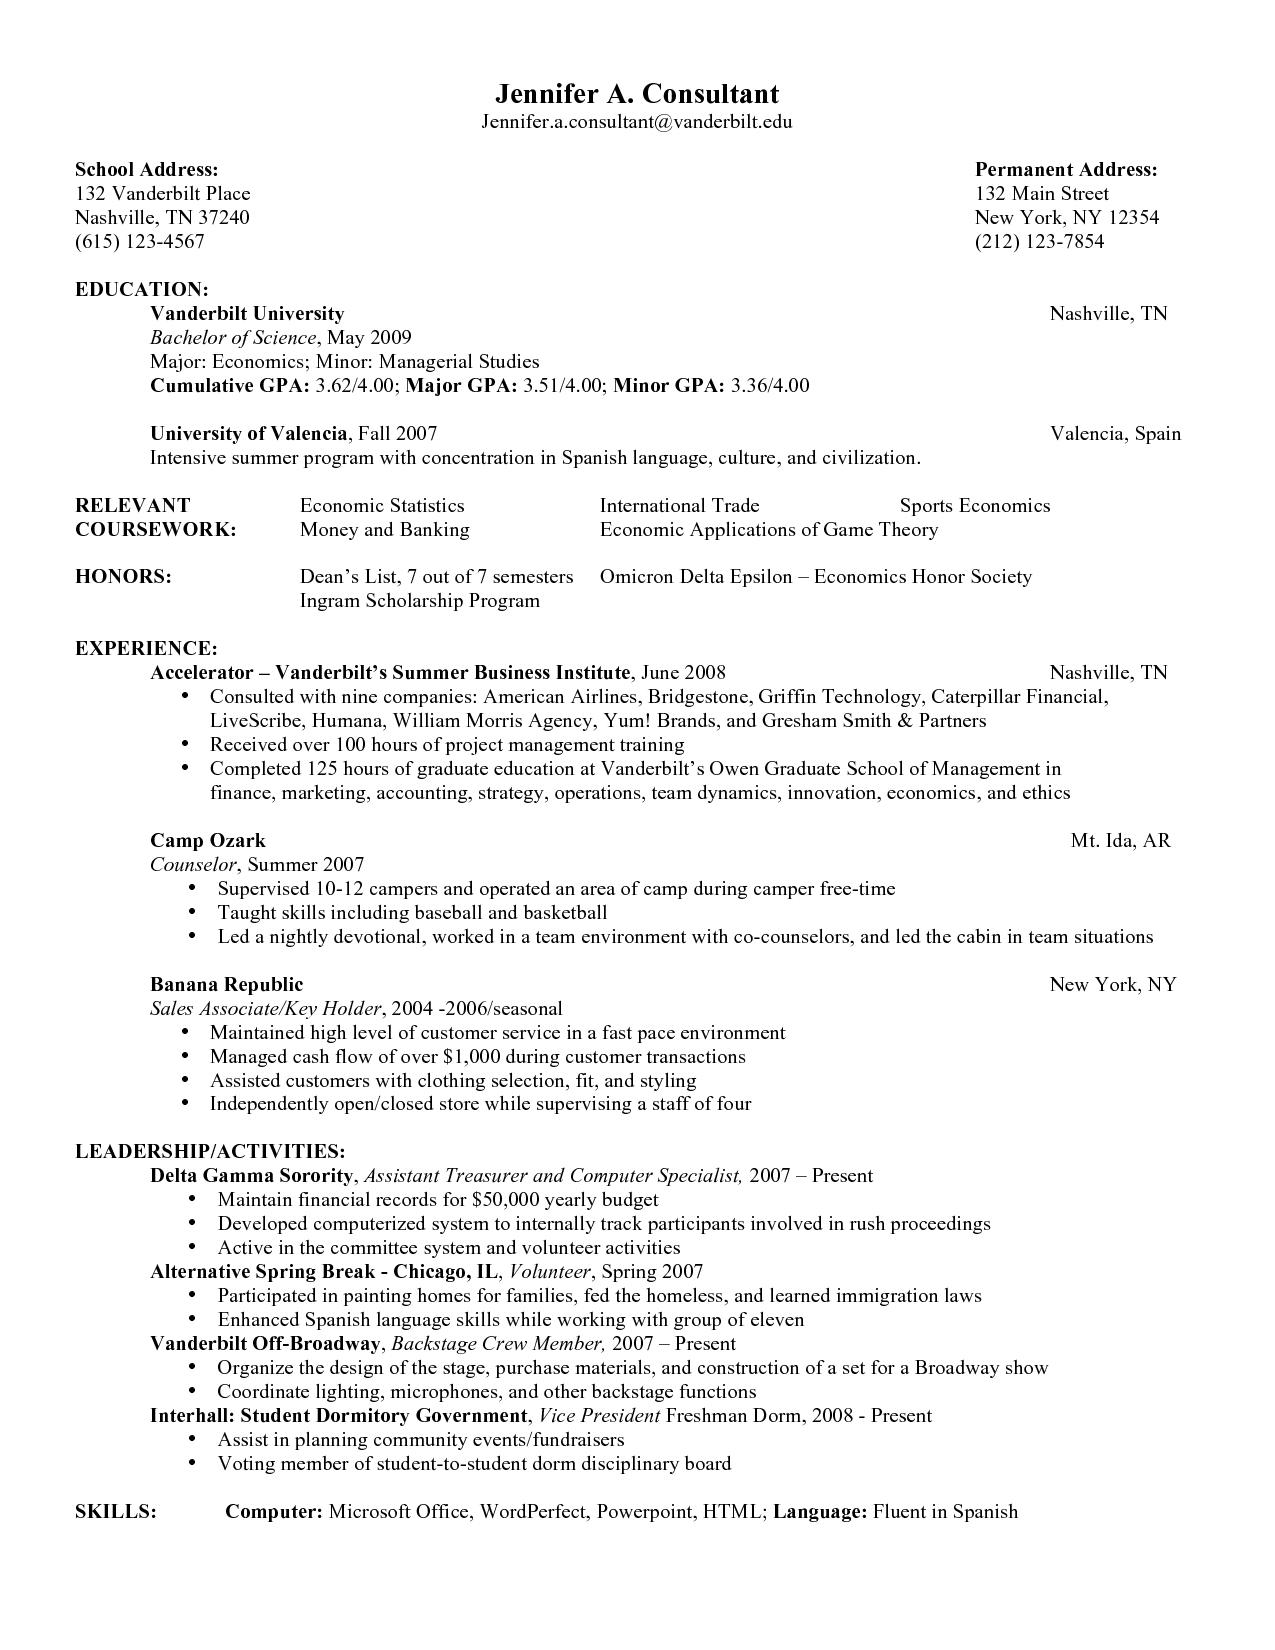 Sample Consulting Resume Sorority Resume Sorority Recommendation Letter Resume